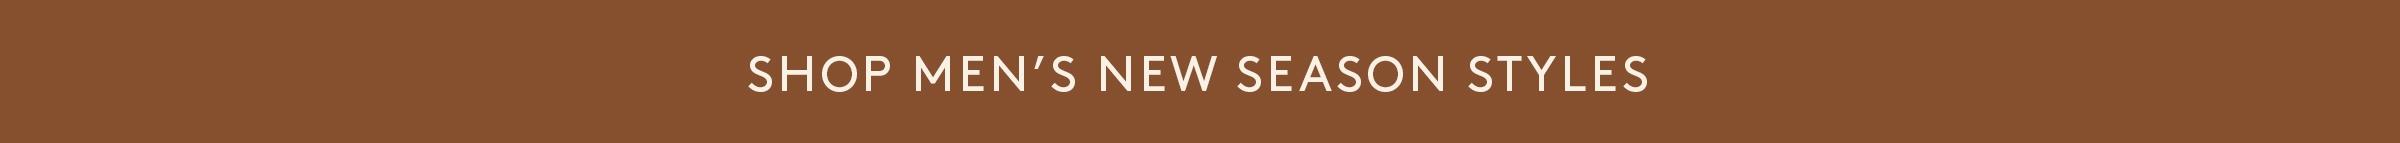 BETTS | Men's | NEW Arrivals | hmpg banner 2400 x 143